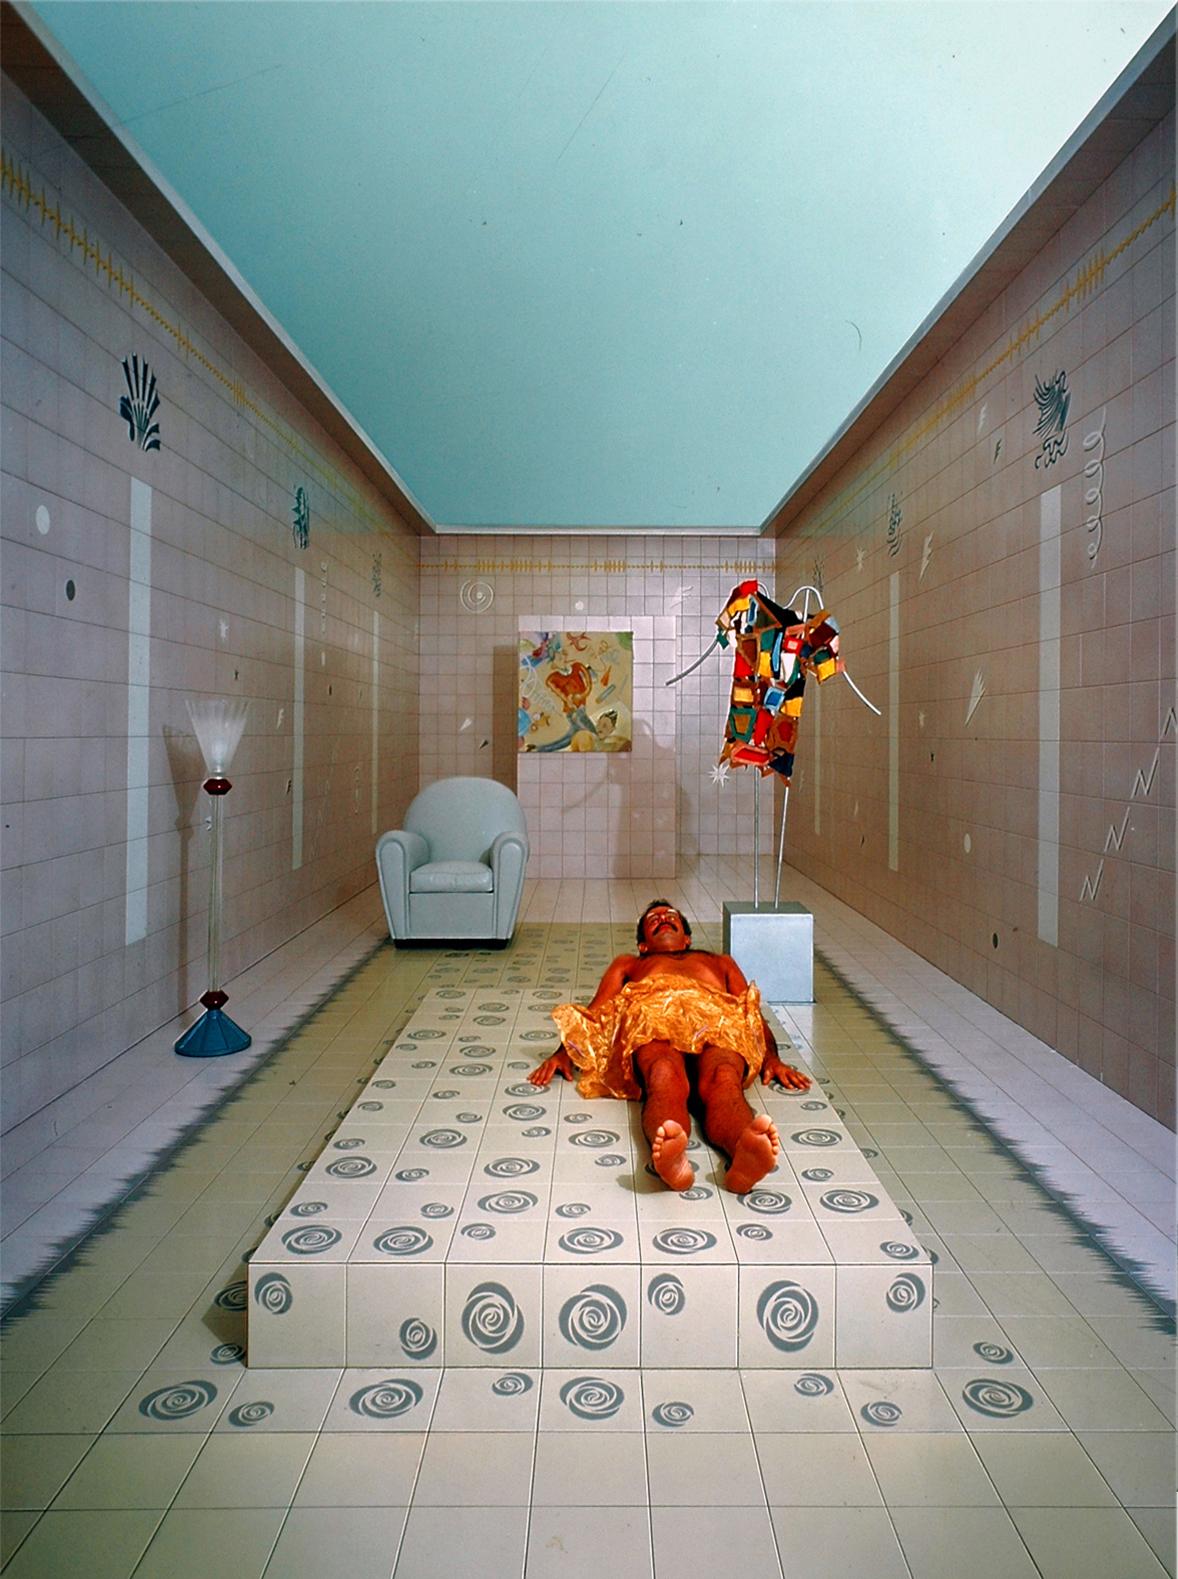 Occhiomagico, Filosofia del Profano, 1981 (NeoModern rooms)